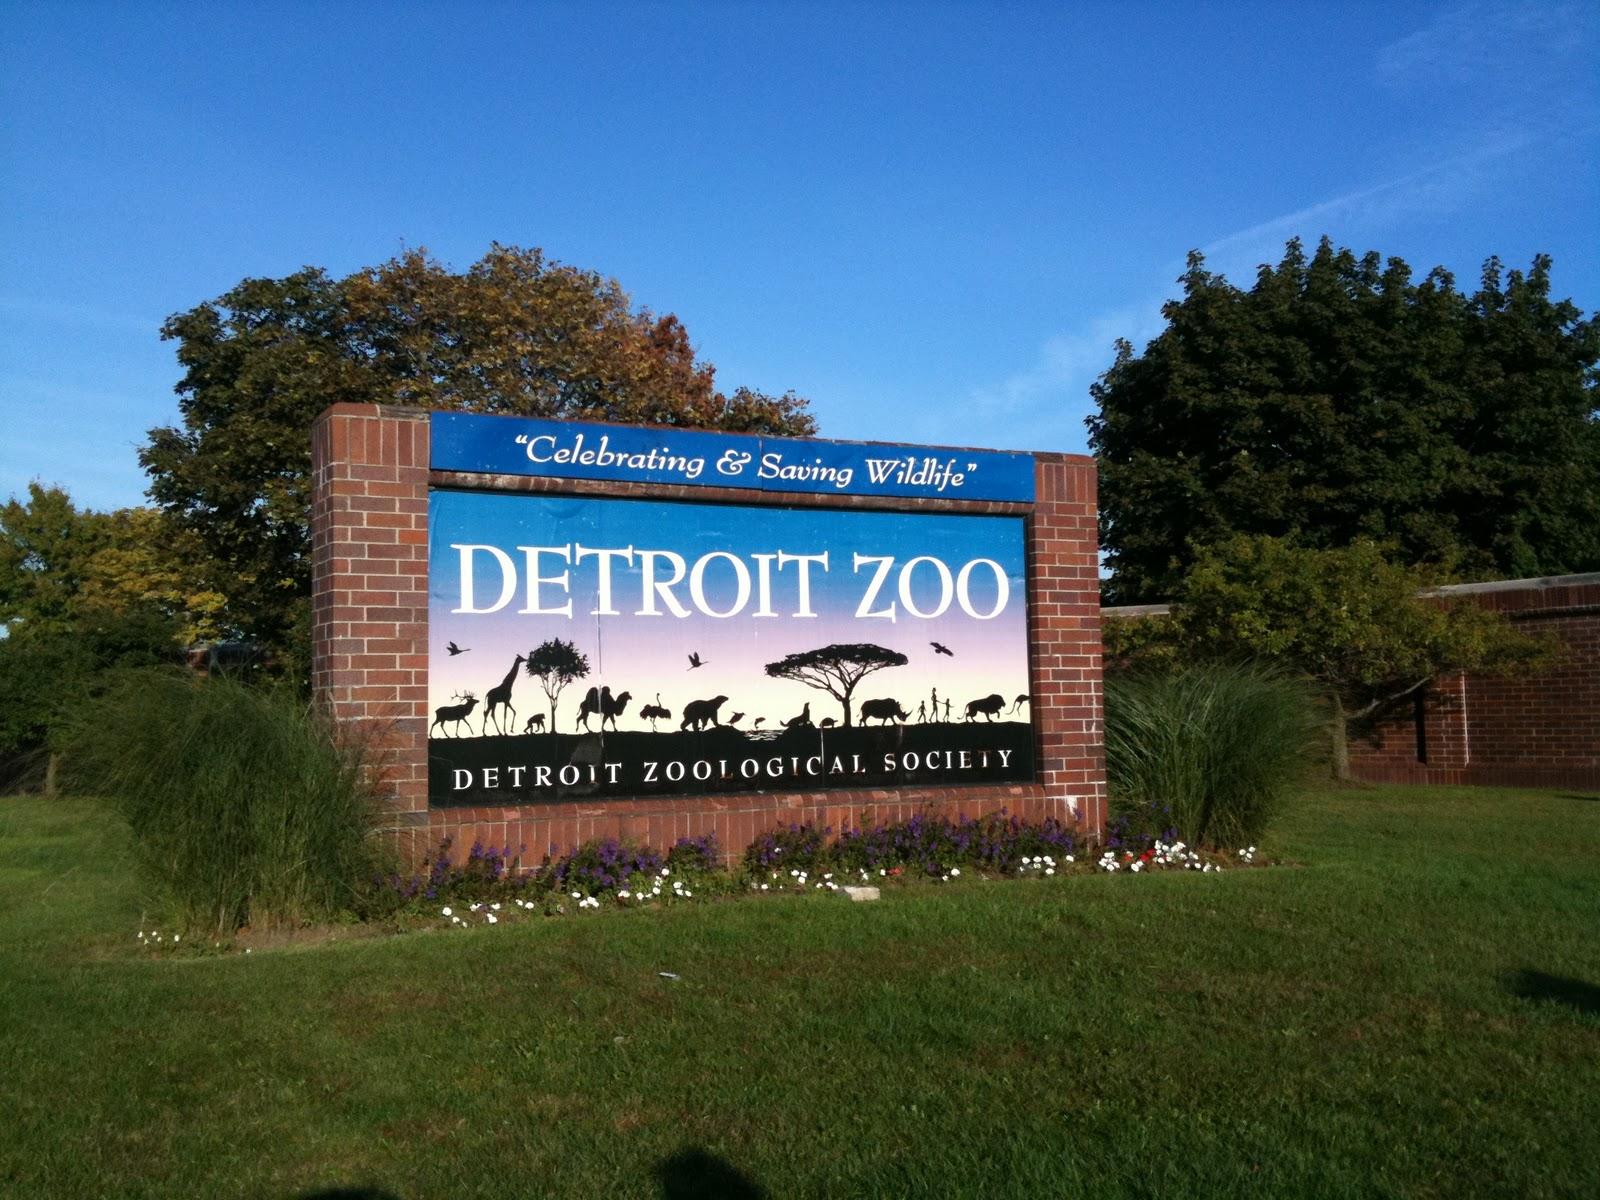 Vegan Road Runner On the Run Run Wild for the Detroit Zoo 5K 10K